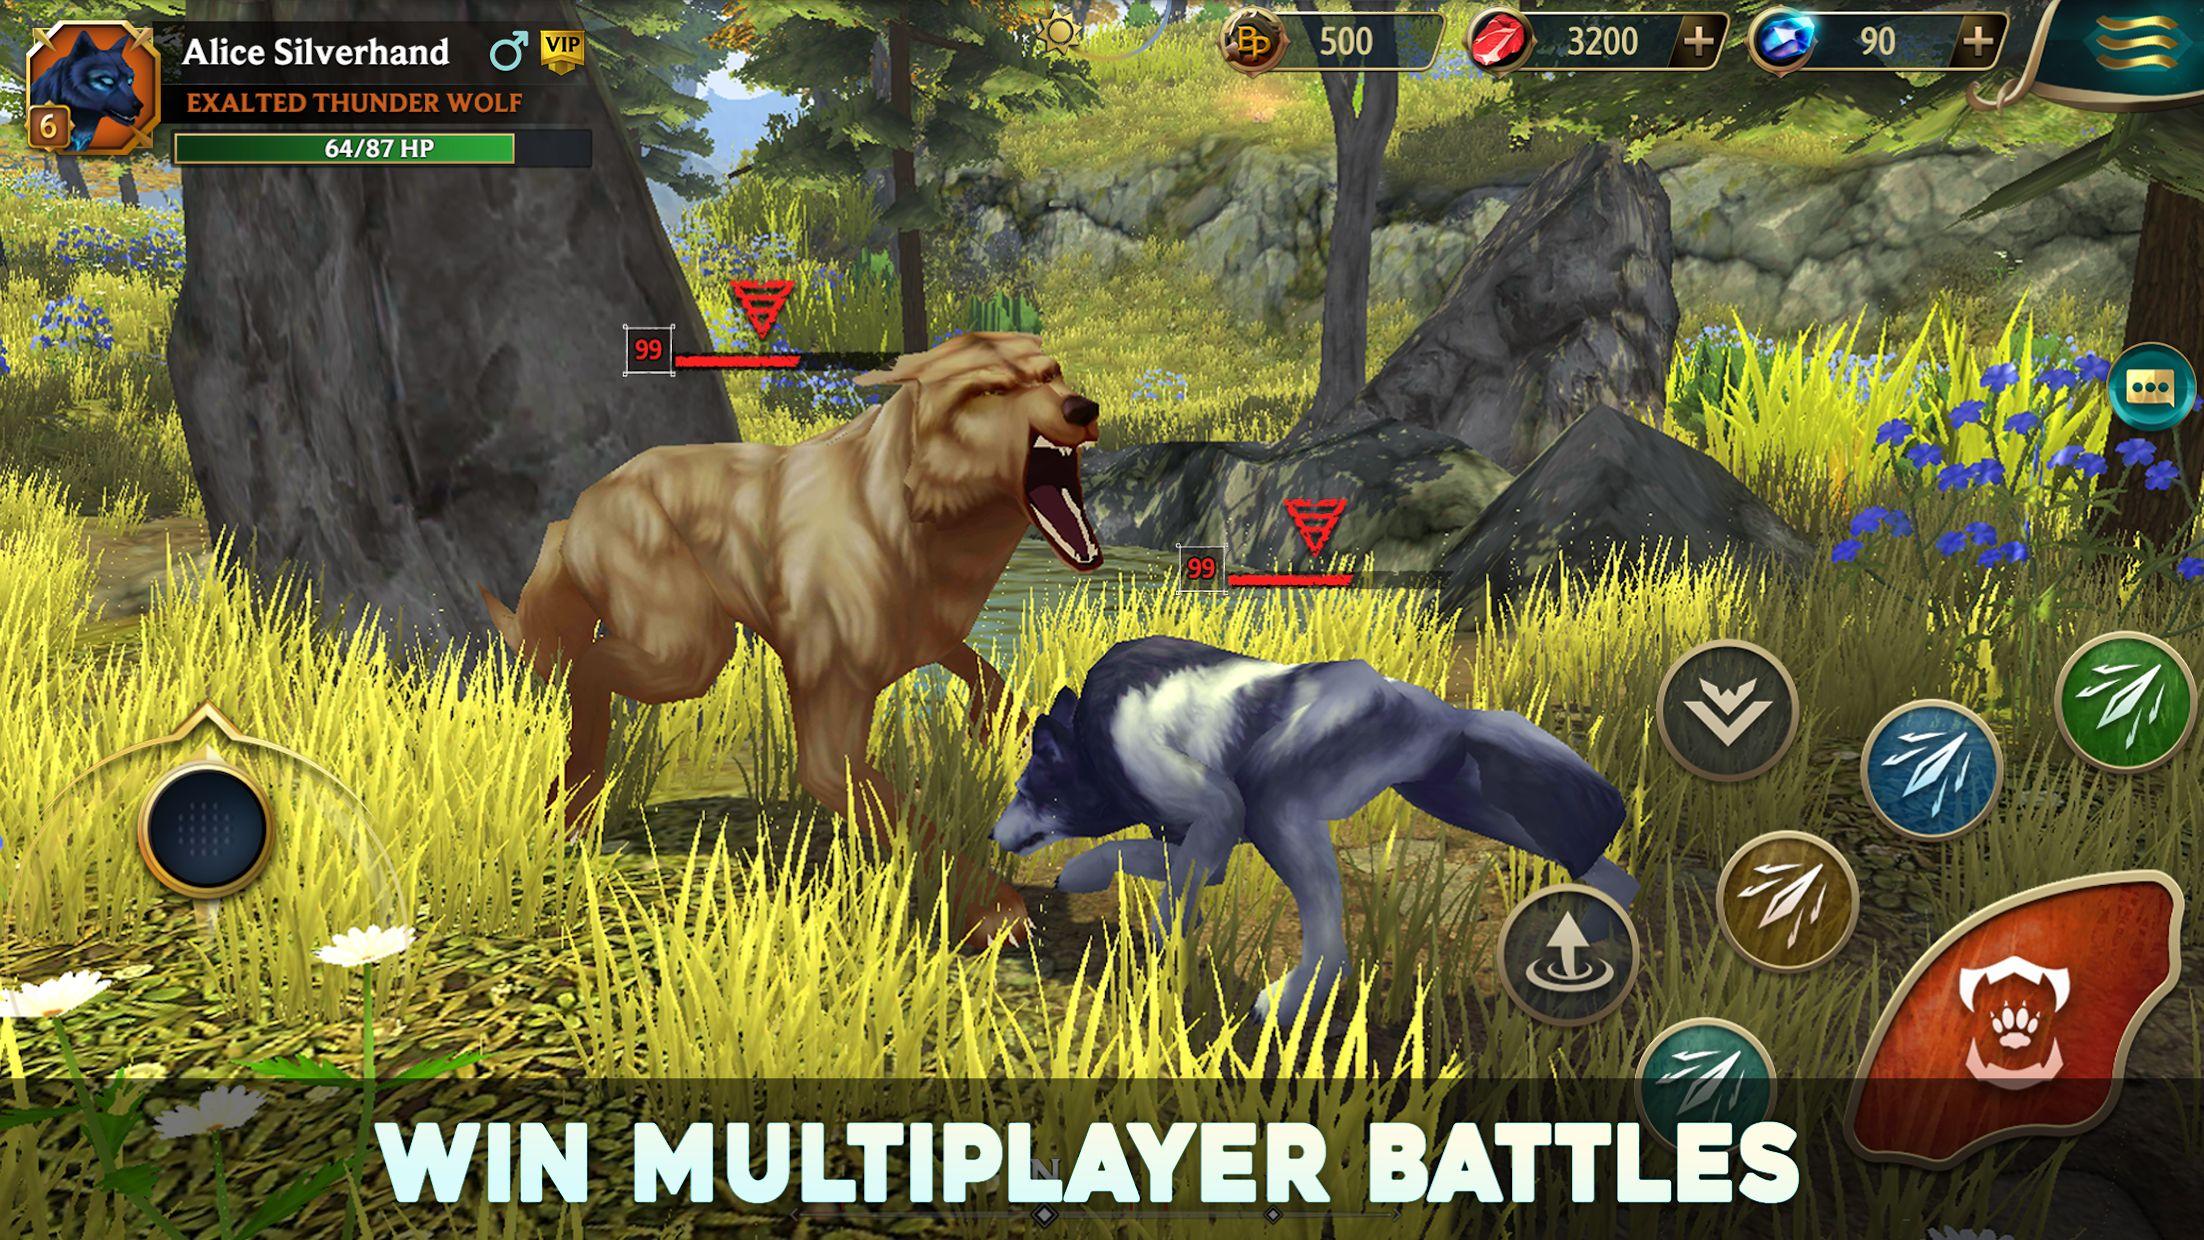 狼传说 - 家园与爱心 游戏截图2